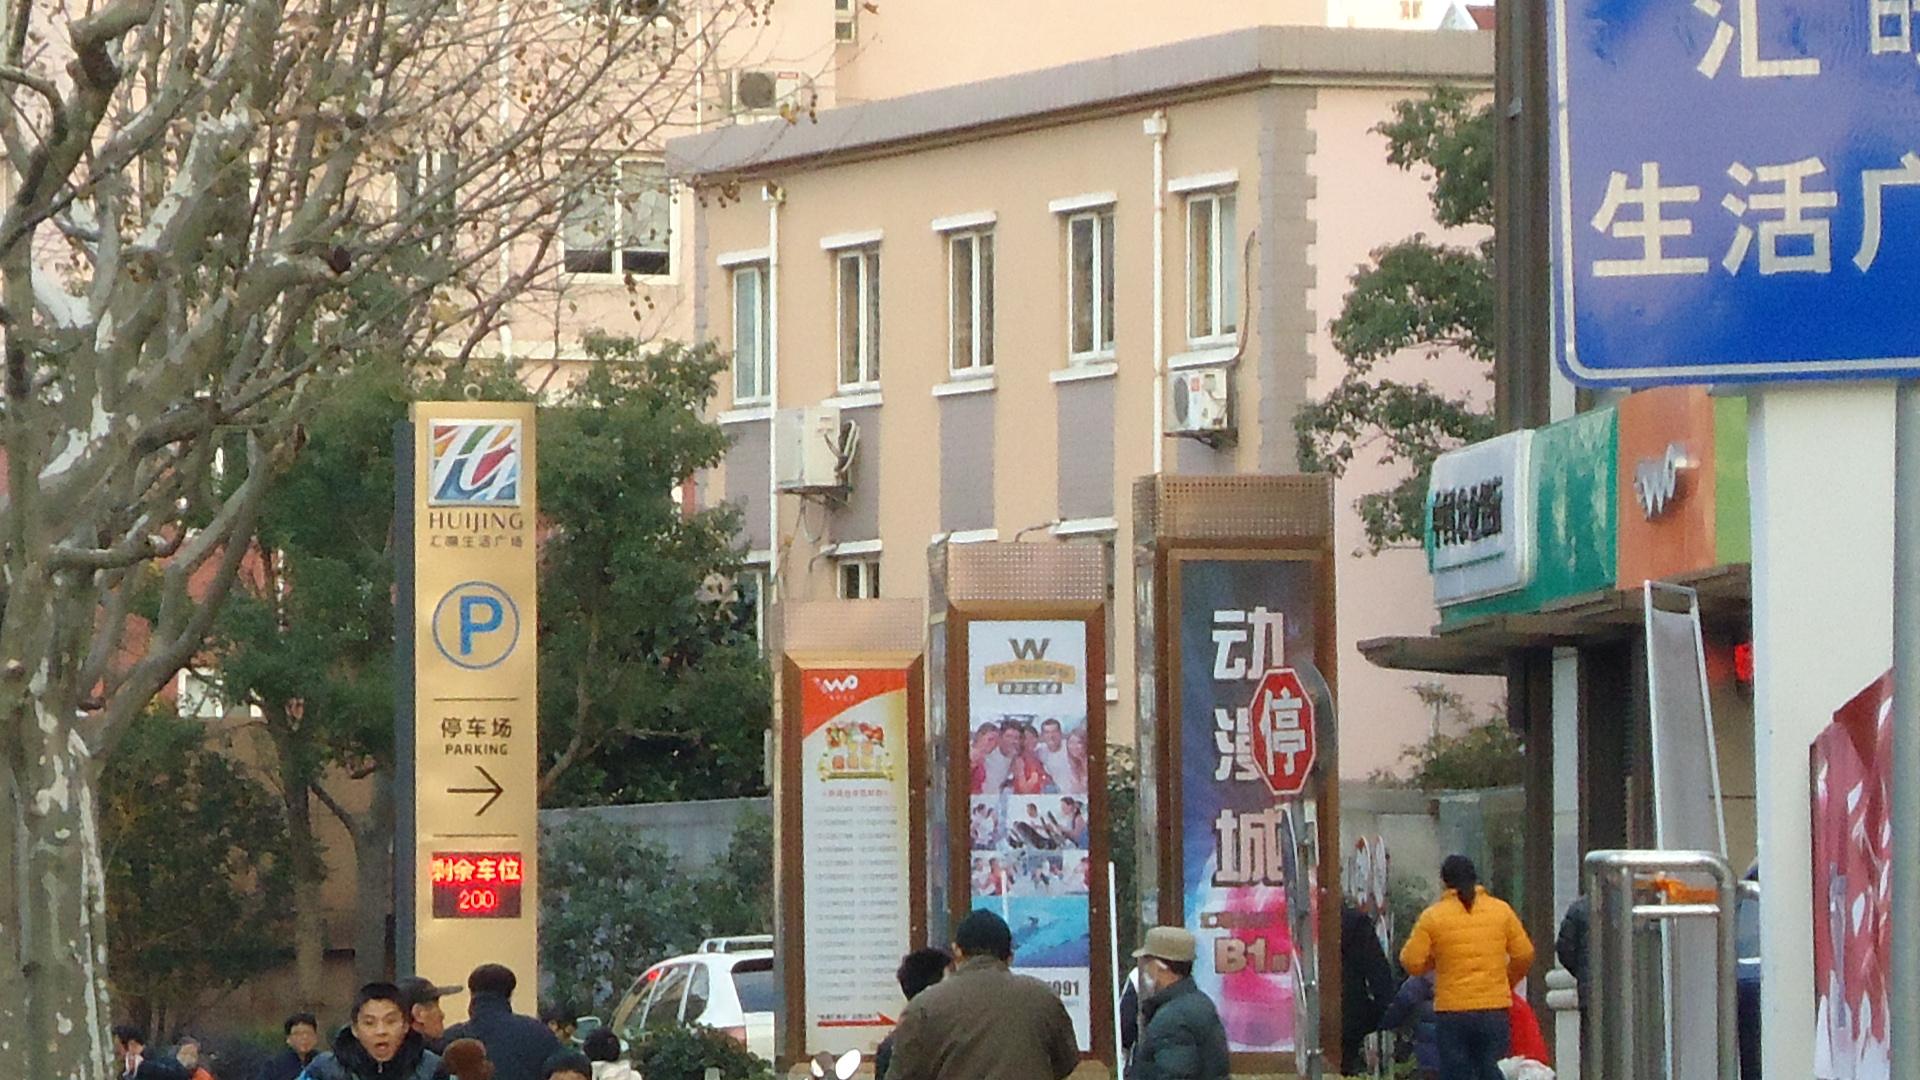 上海标识标牌导向工程